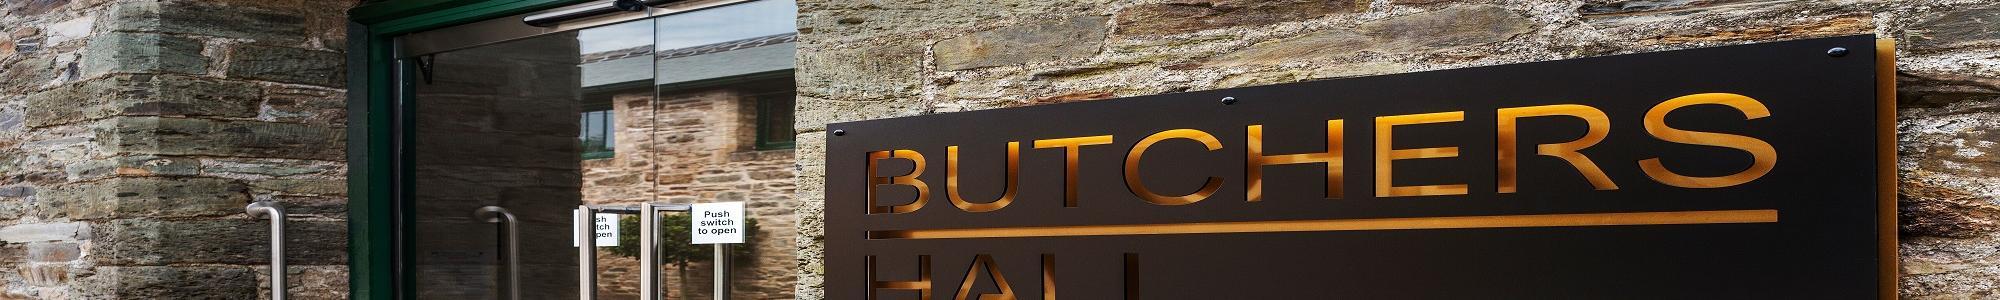 Butchers' Hall Sign